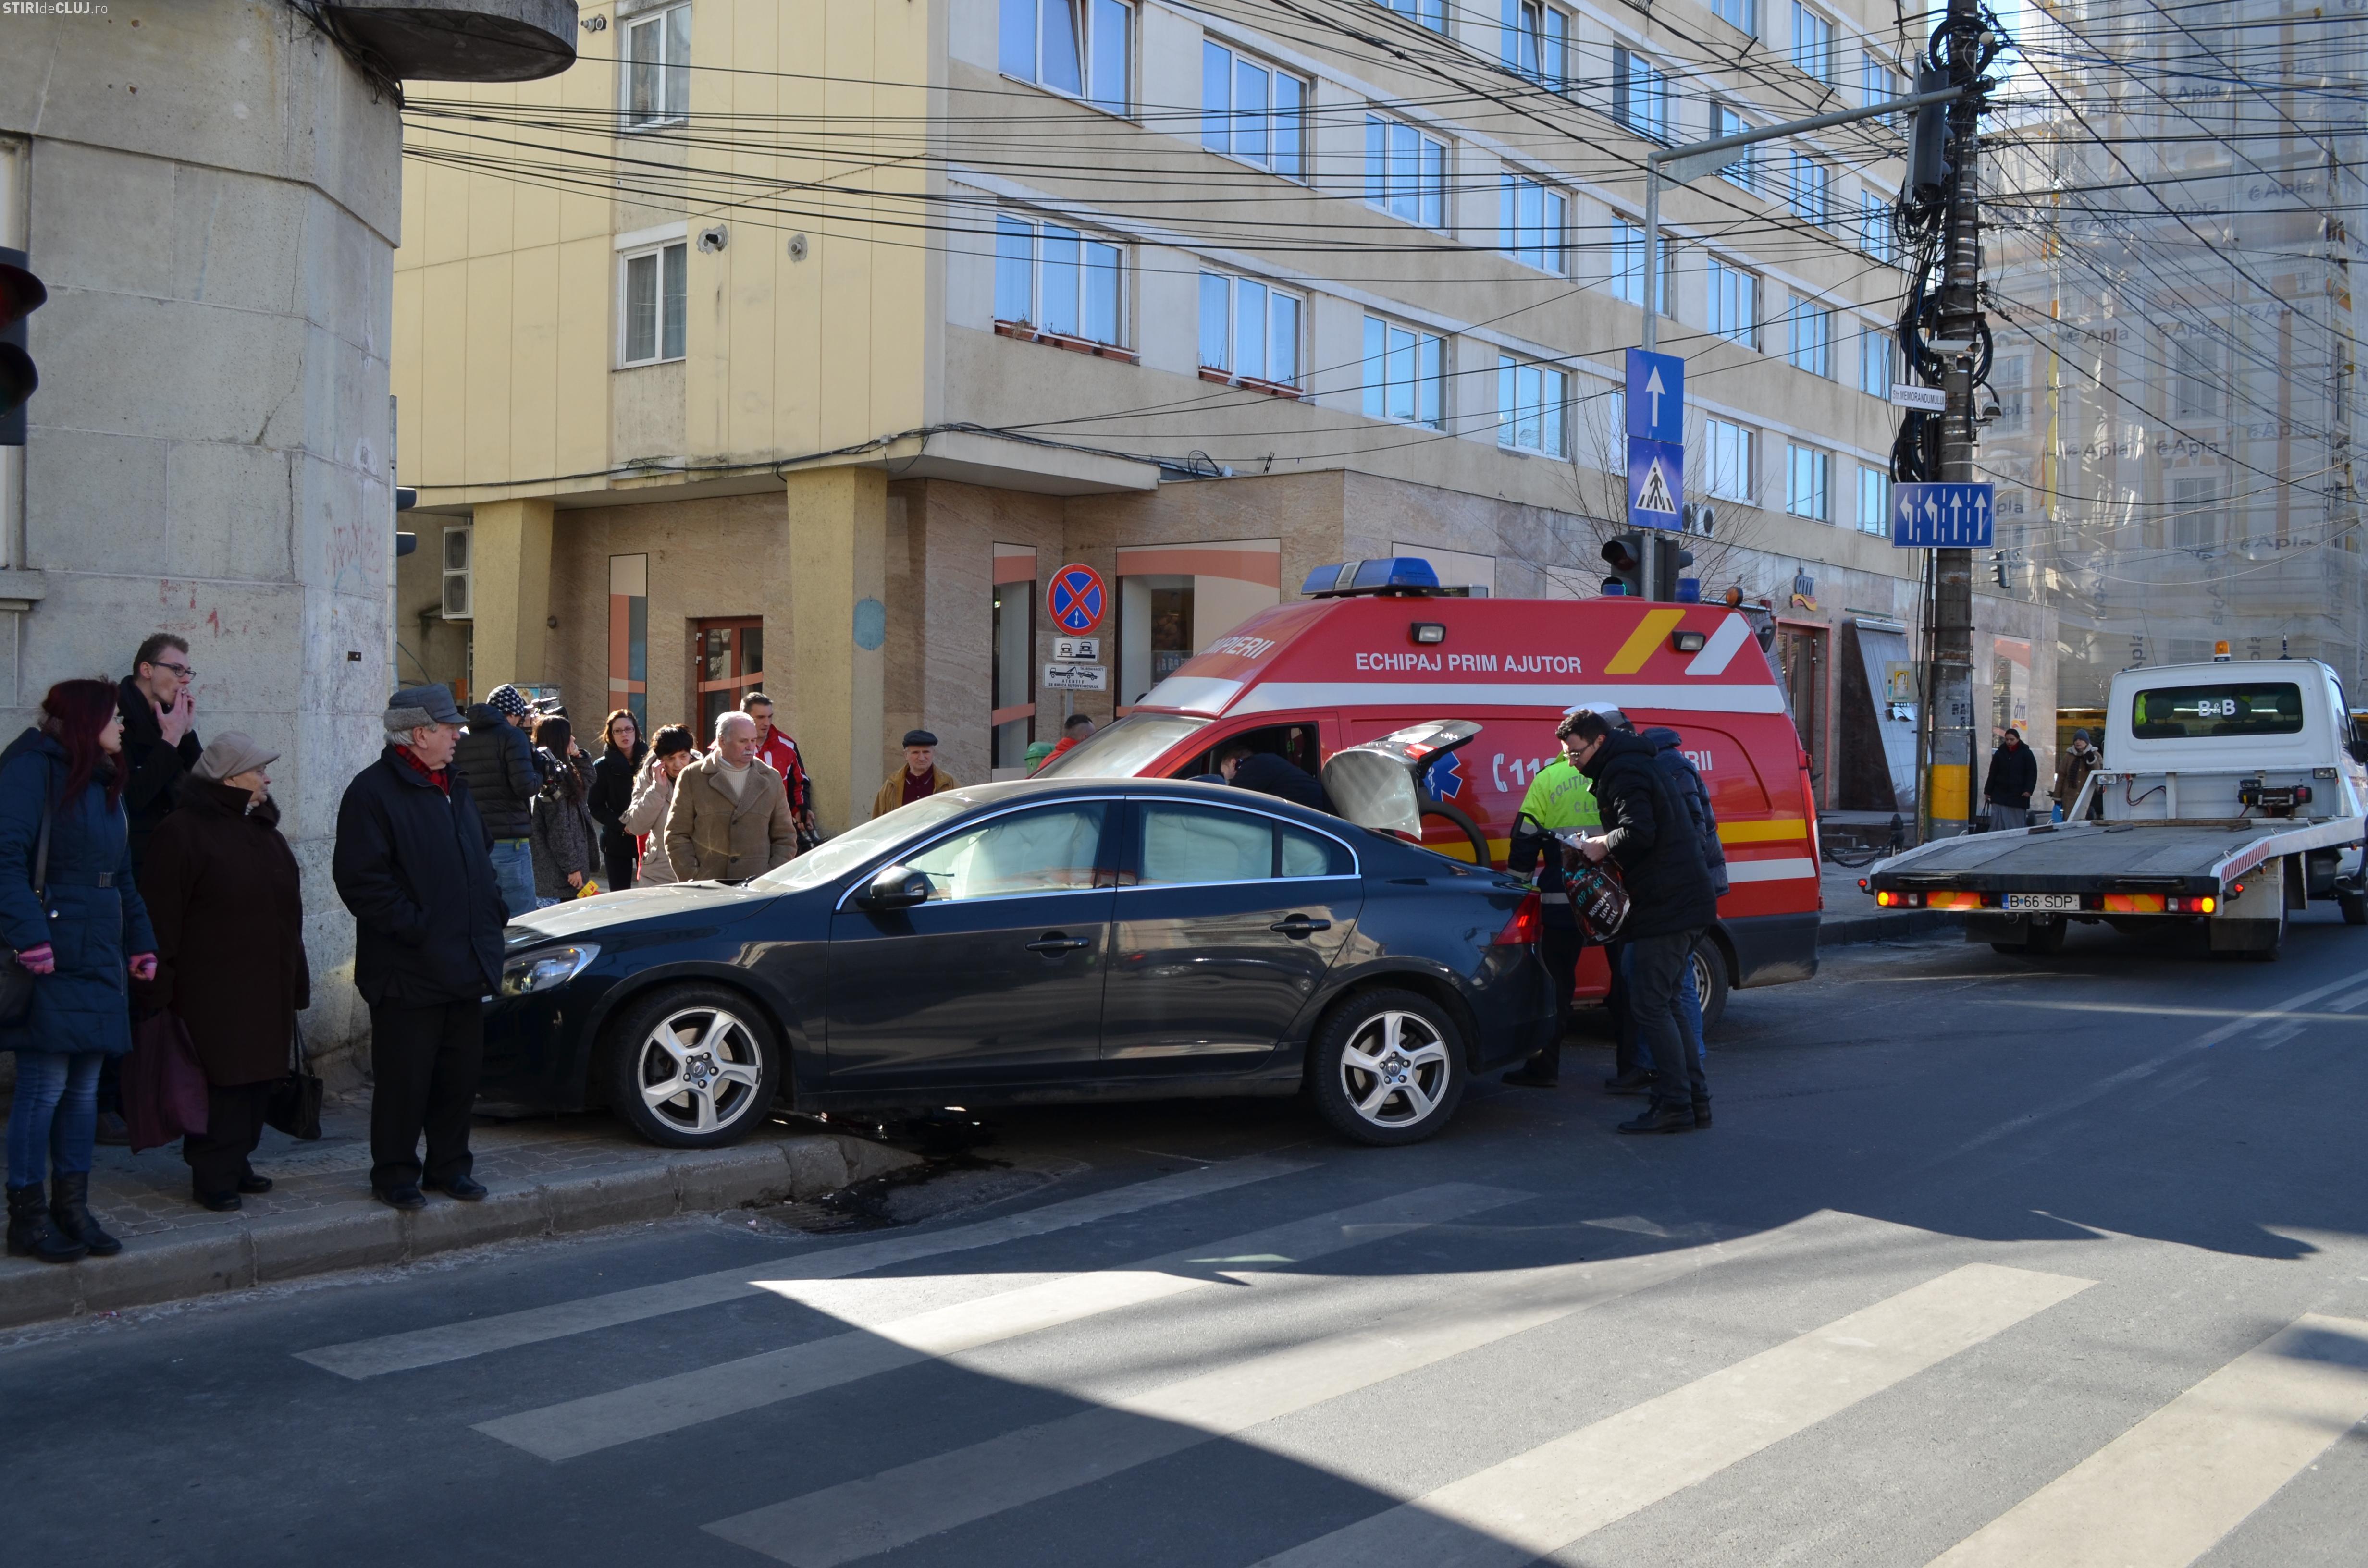 DECIZIE stranie! Poliția Cluj i-a luat permisul paramedicului SMURD după accidentul de pe Memorandumului